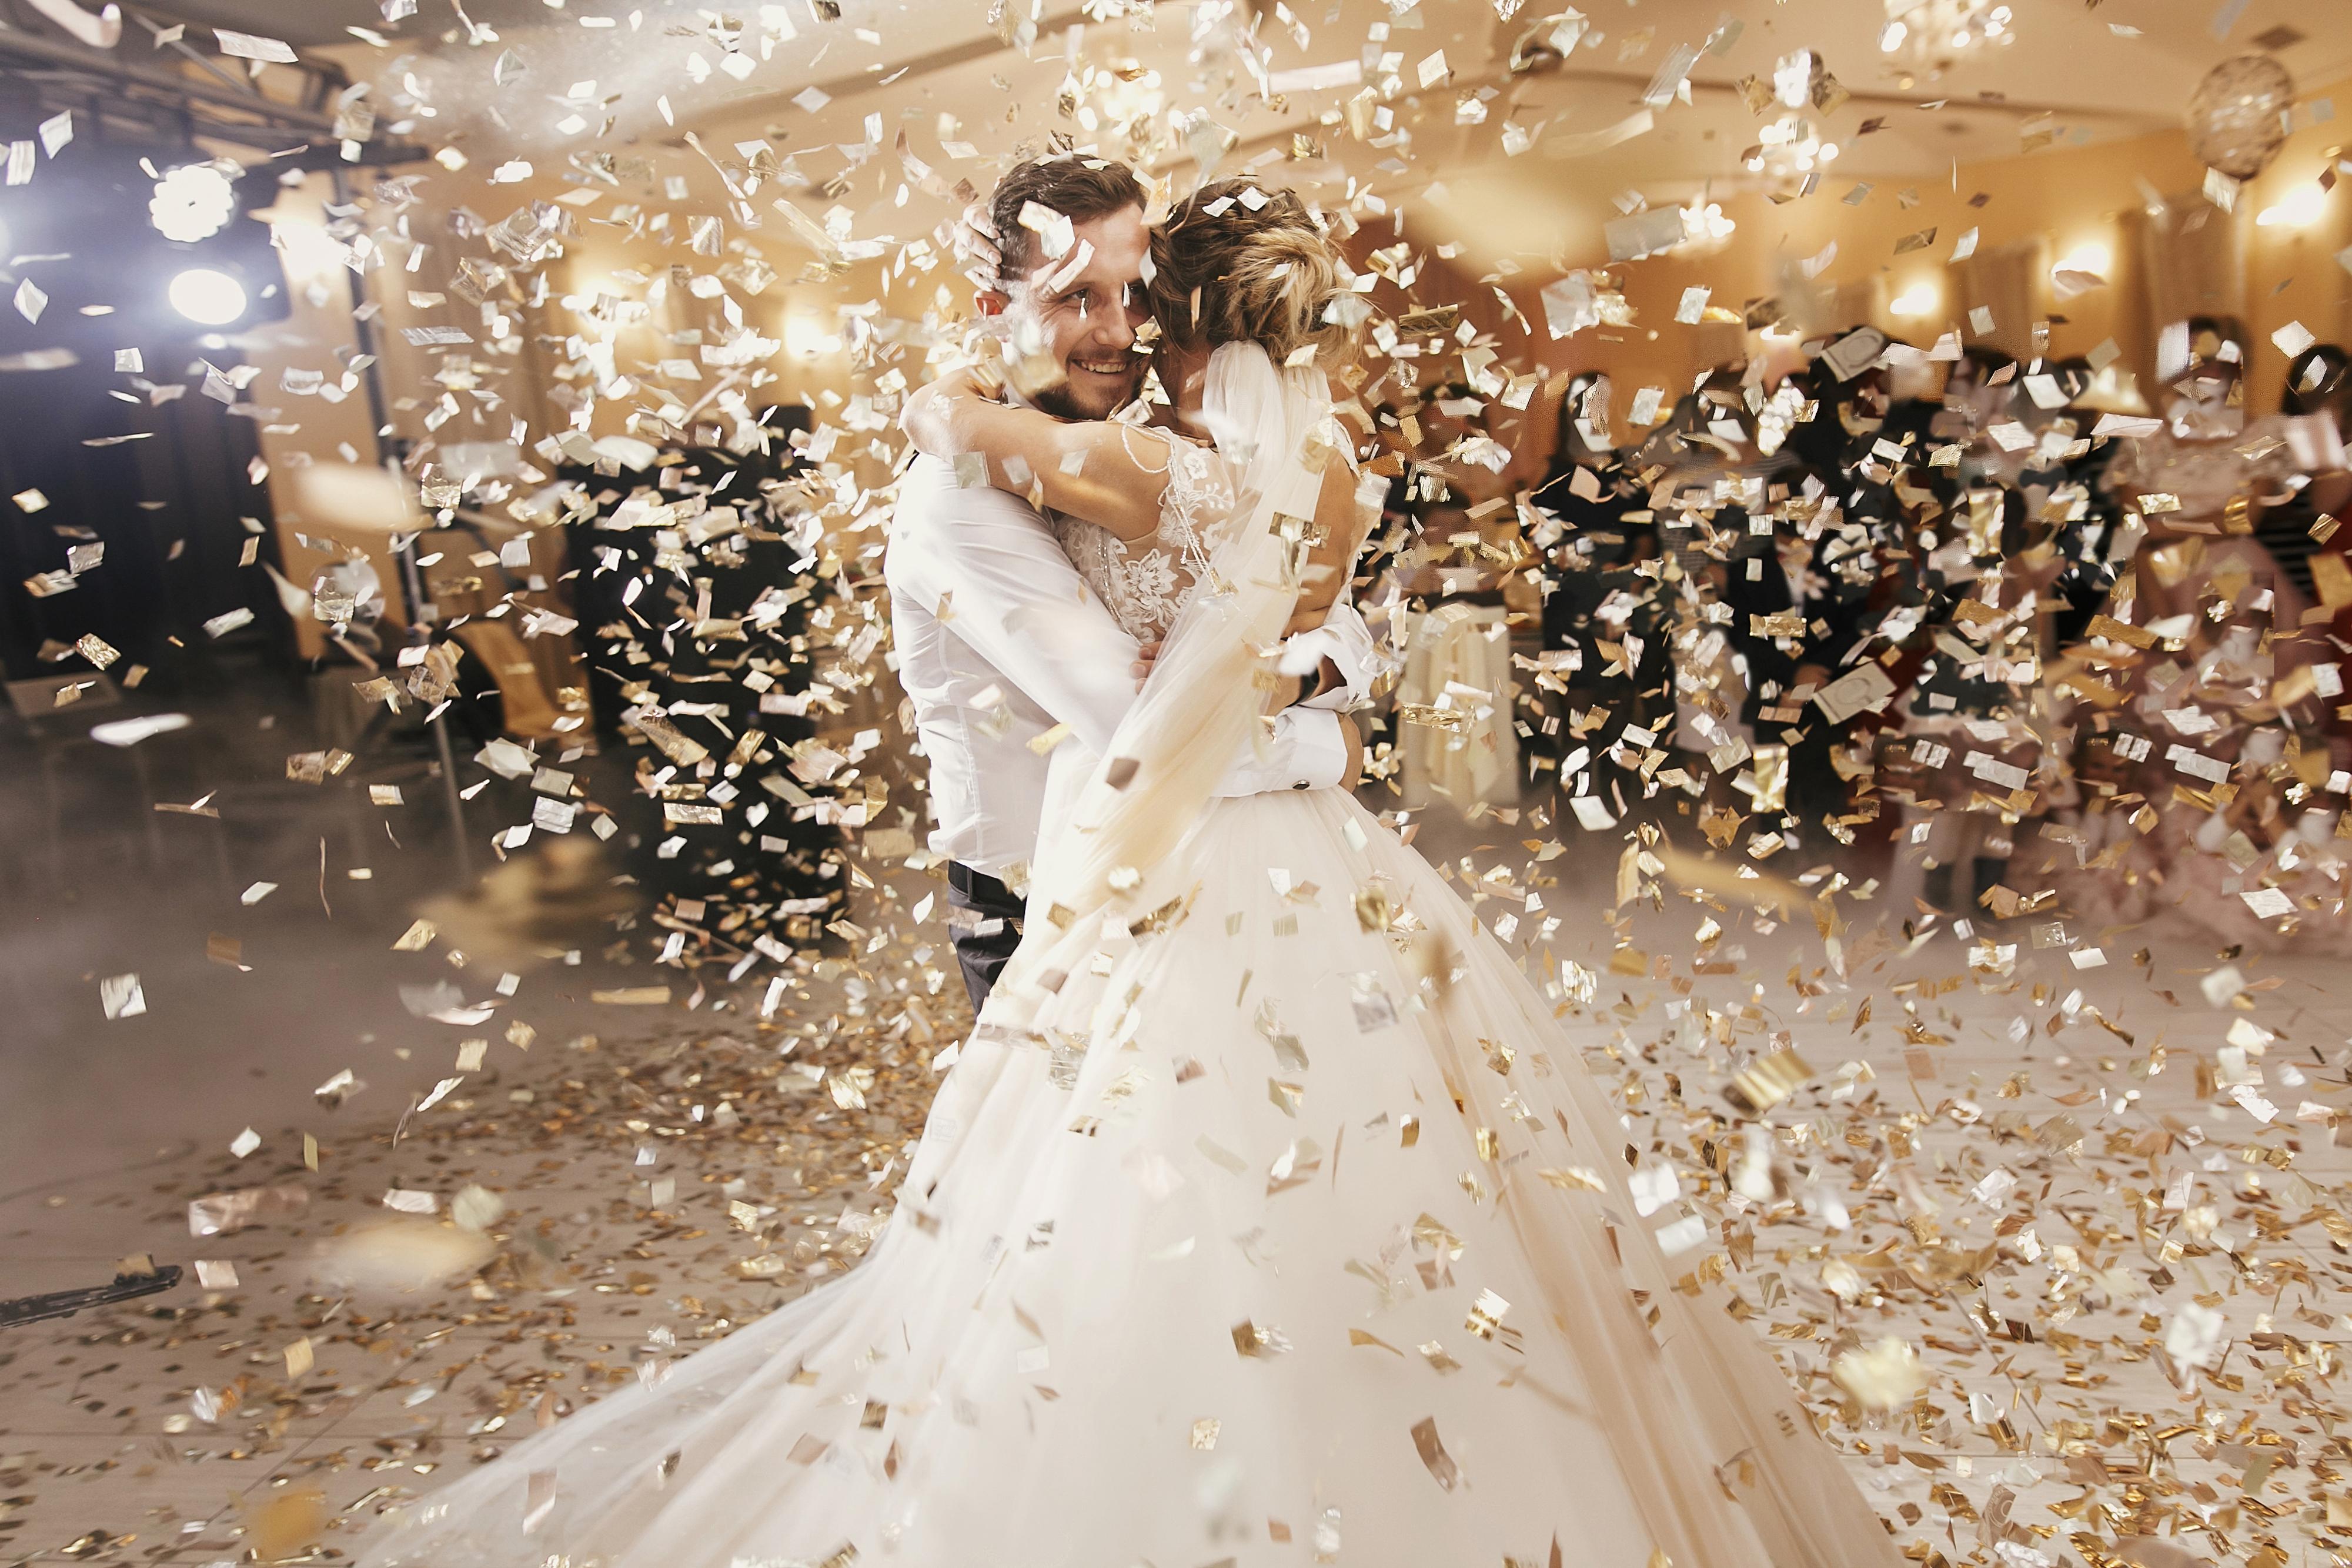 Hochzeitspaar bei traumhaften Hochzeitstanz